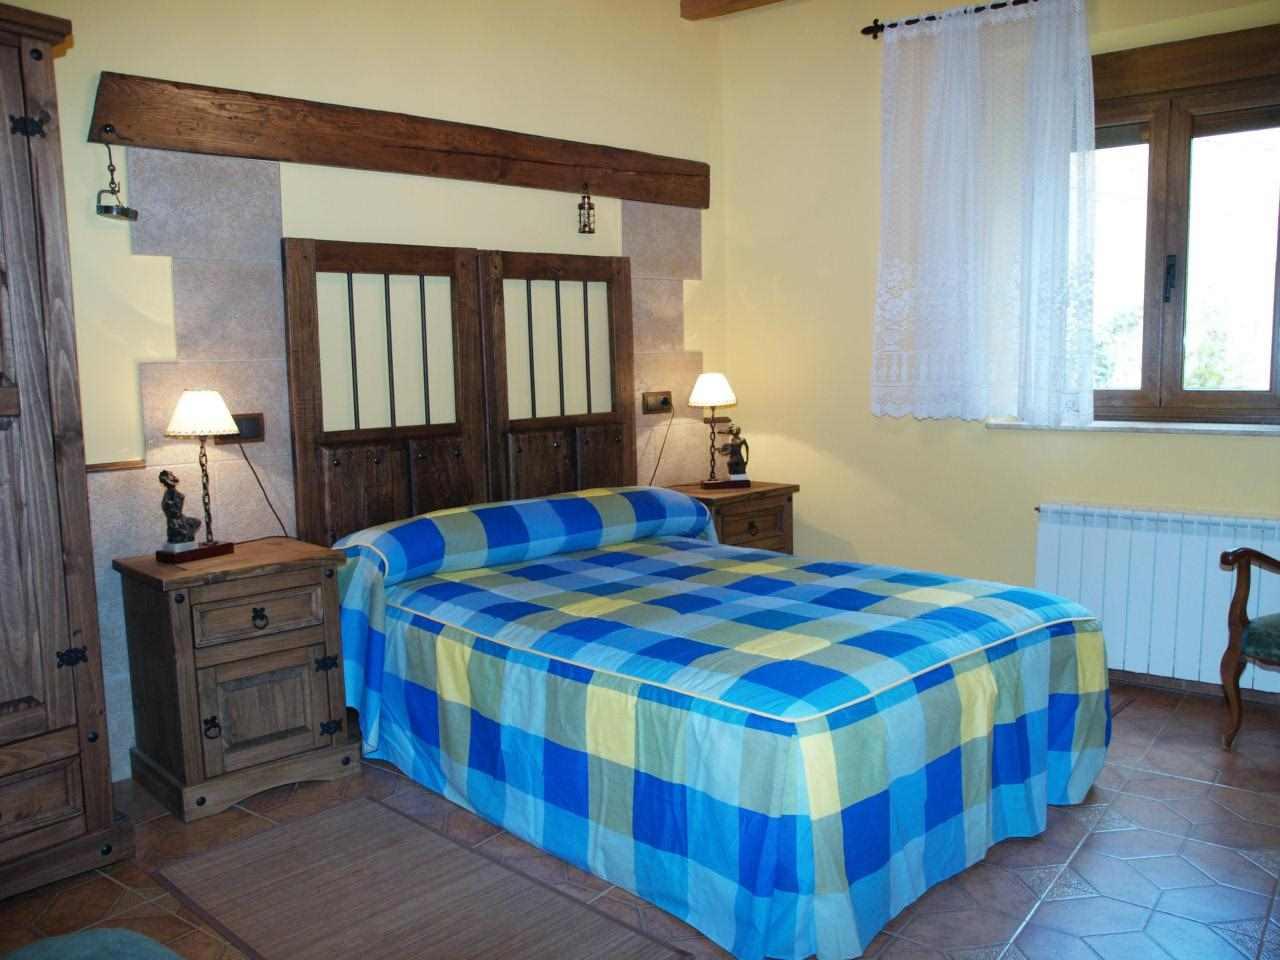 Alquiler de apartamentos Villanueva del Condado, León